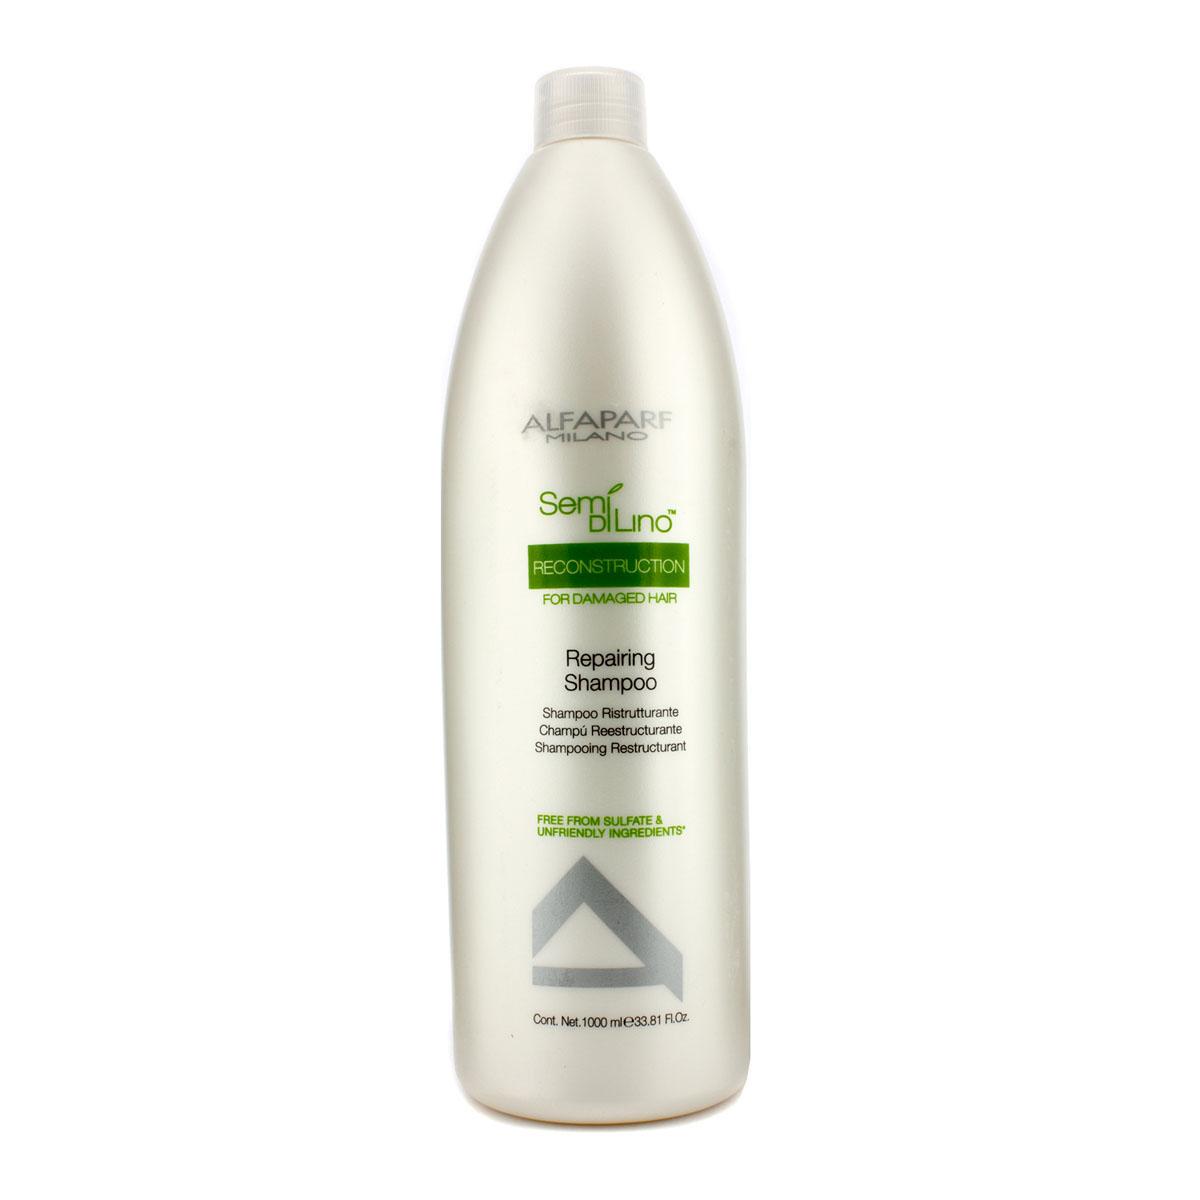 Alfaparf Шампунь для поврежденных волос Semi Di Lino Reconstruction Reparative Shampoo 1000 мл10014Alfaparf Semi Di Lino Reconstruction Reparative Shampoo Шампуньдля повреждённых волос разработан специально для повреждённых, ломких и слабых волос. Данное средство обеспечивает волосам тройной эффект способствует быстрому восстановлению повреждённых волос, усиливает их блеск, защищает естественный цвет волос. В состав шампуня Alfaparf SDL Reconstruction Reparative входит экстракт семени льна, который делает волосы блестящими, мягкими и гладкими, обеспечивая их лёгкое расчёсывание, а также экстракт бамбука, который позволяет реанимировать и увеличить гибкость волосяного стрежня. Шампунь Альфапарф SDL для повреждённых волос наделяет волосы здоровьем и блеском, сохраняя их естественный цвет. Подходит для типов волос: повреждённых, ломких и слабых.